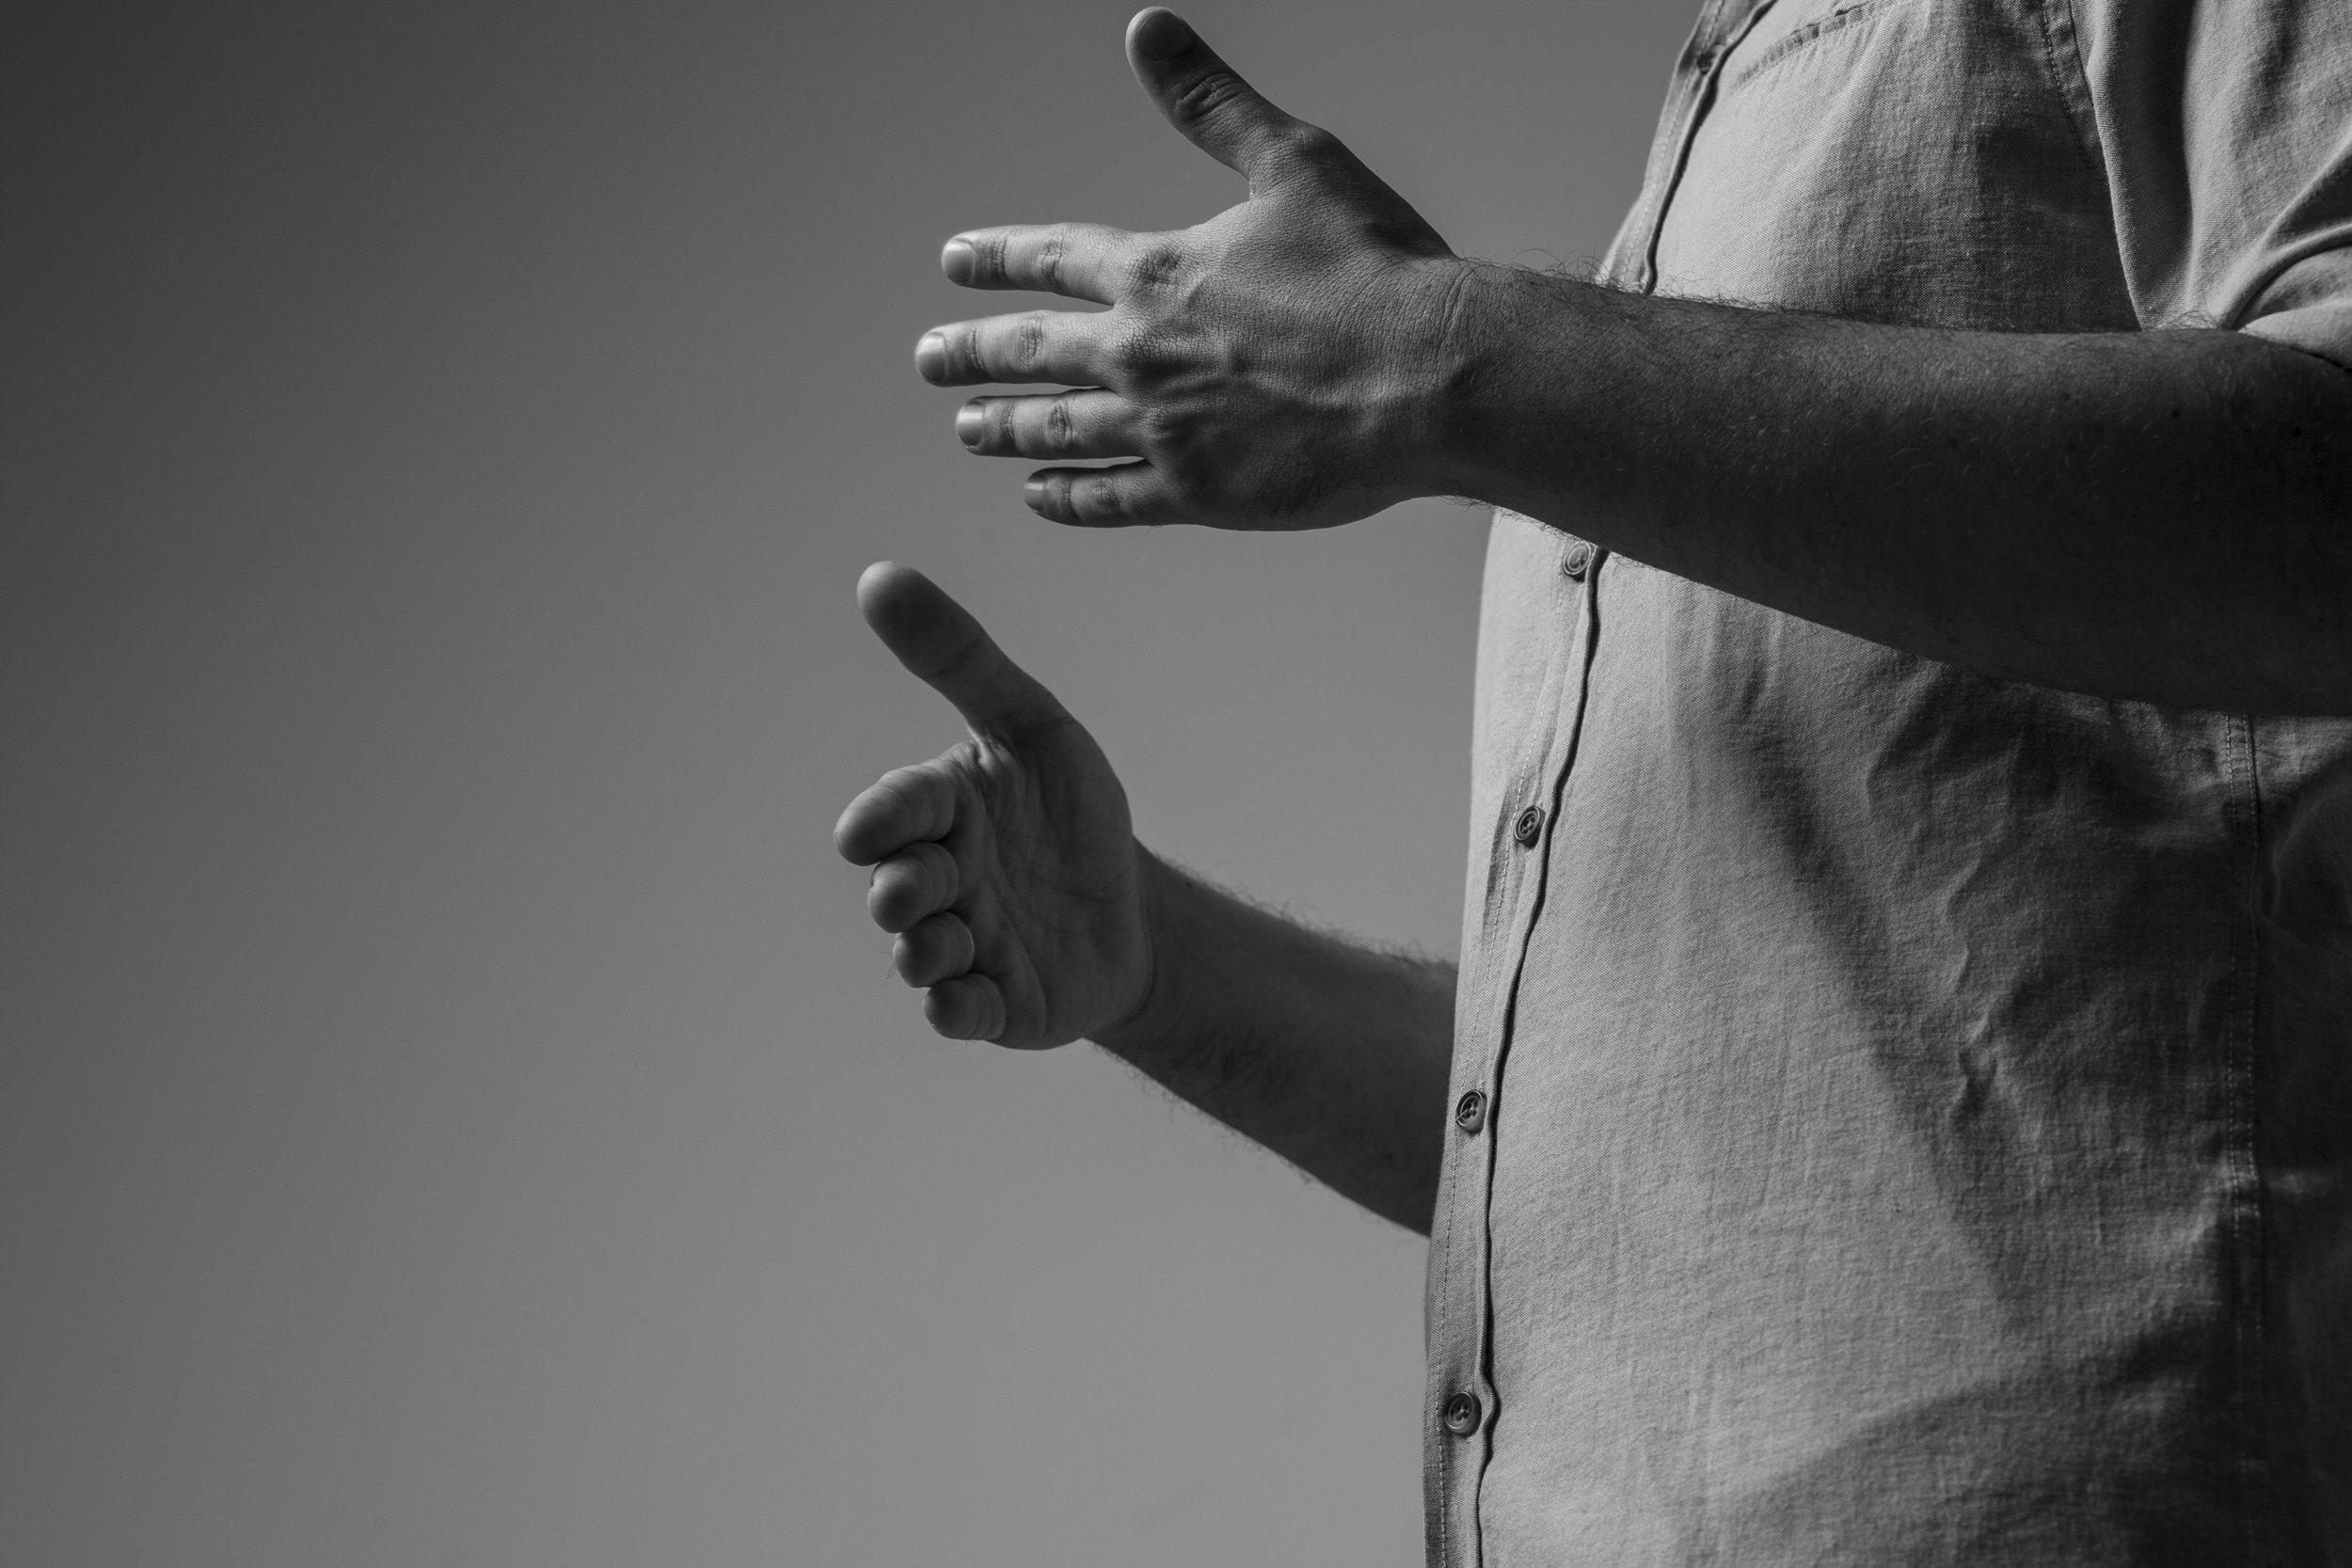 Formación - Licenciado en Psicología por la Universidad de SevillaTerapia EMDR. Asociación española EMDRCertificación Internacional Experto Coaching por el Instituto Europeo de CoachingPosgrado en Coaching, PNL y Liderazgo de Equipos en la Escuela de Negocios Europea de BarcelonaMáster en Dirección de RRHH en EAE Business School Barcelona